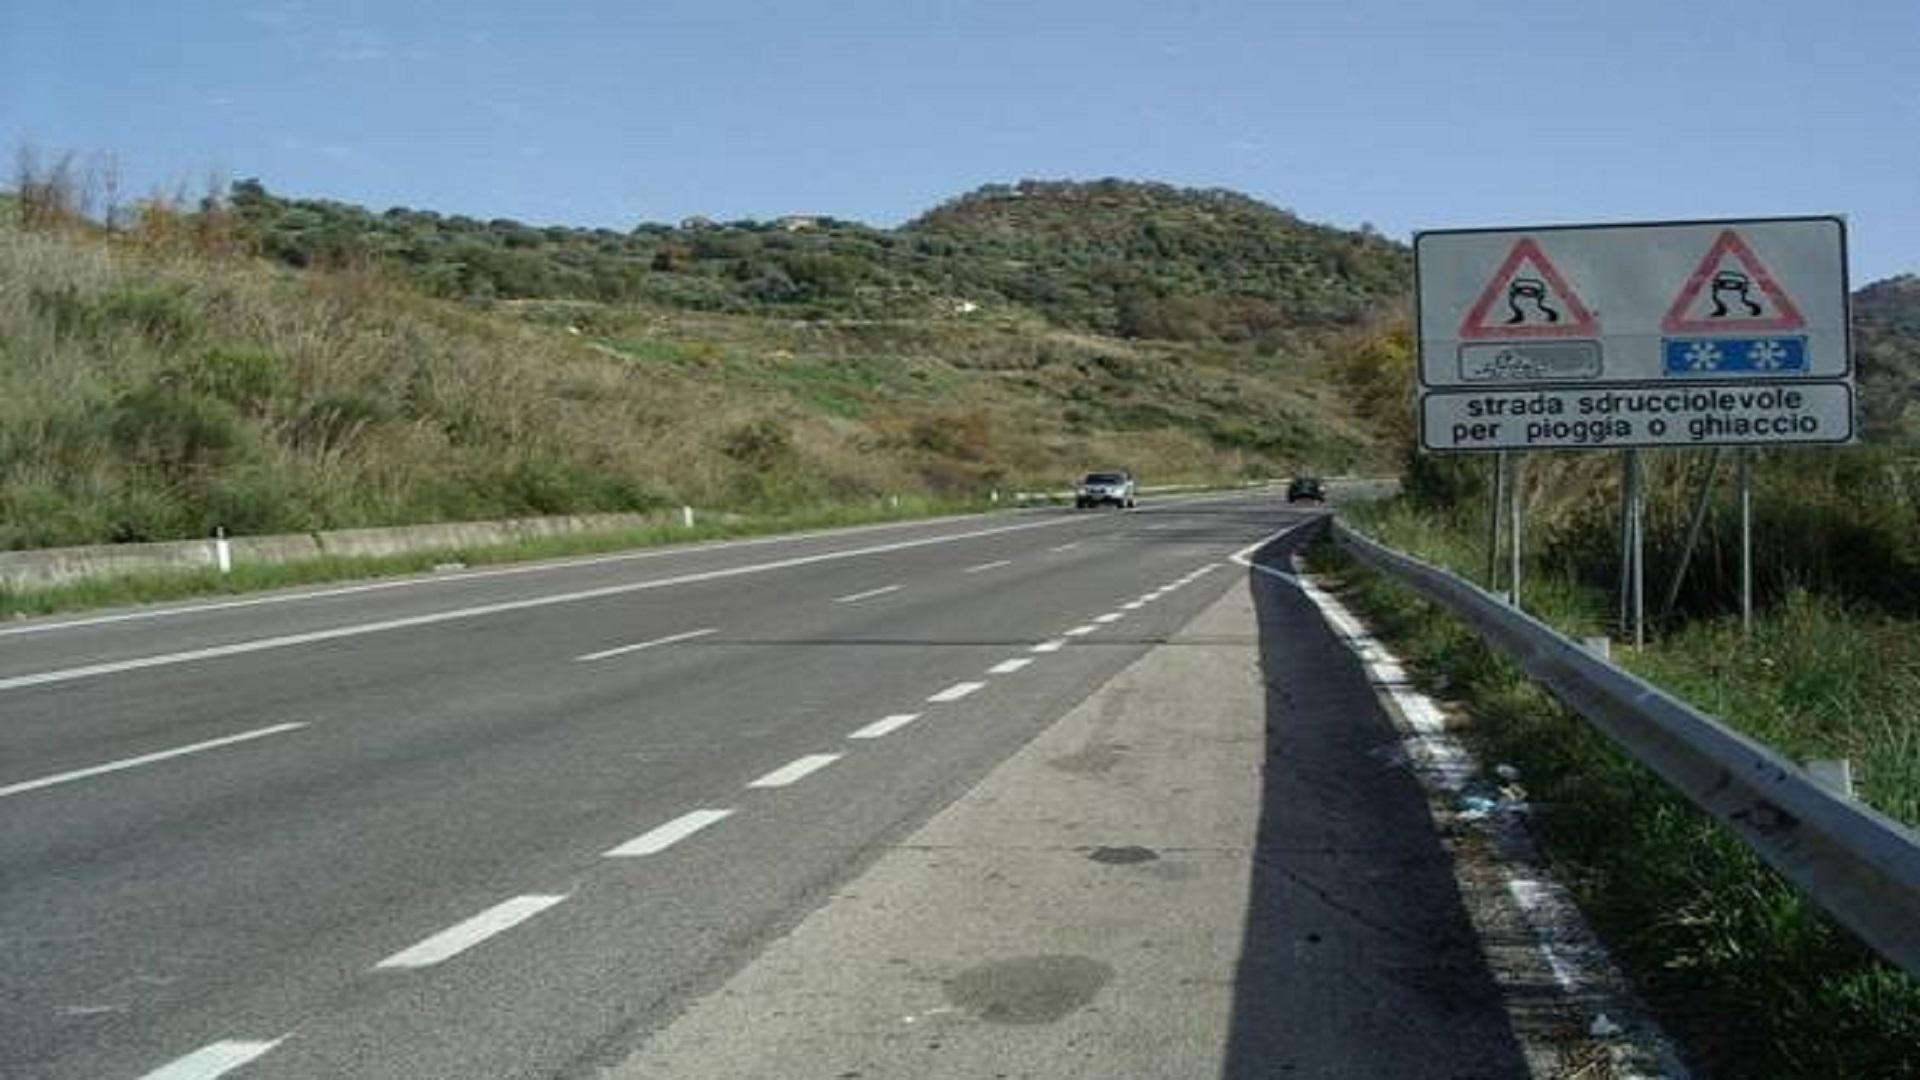 Dal 1 Novembre la Cilentana ad Anas. E la Provincia di Salerno riceve in cambio parte della SS18.